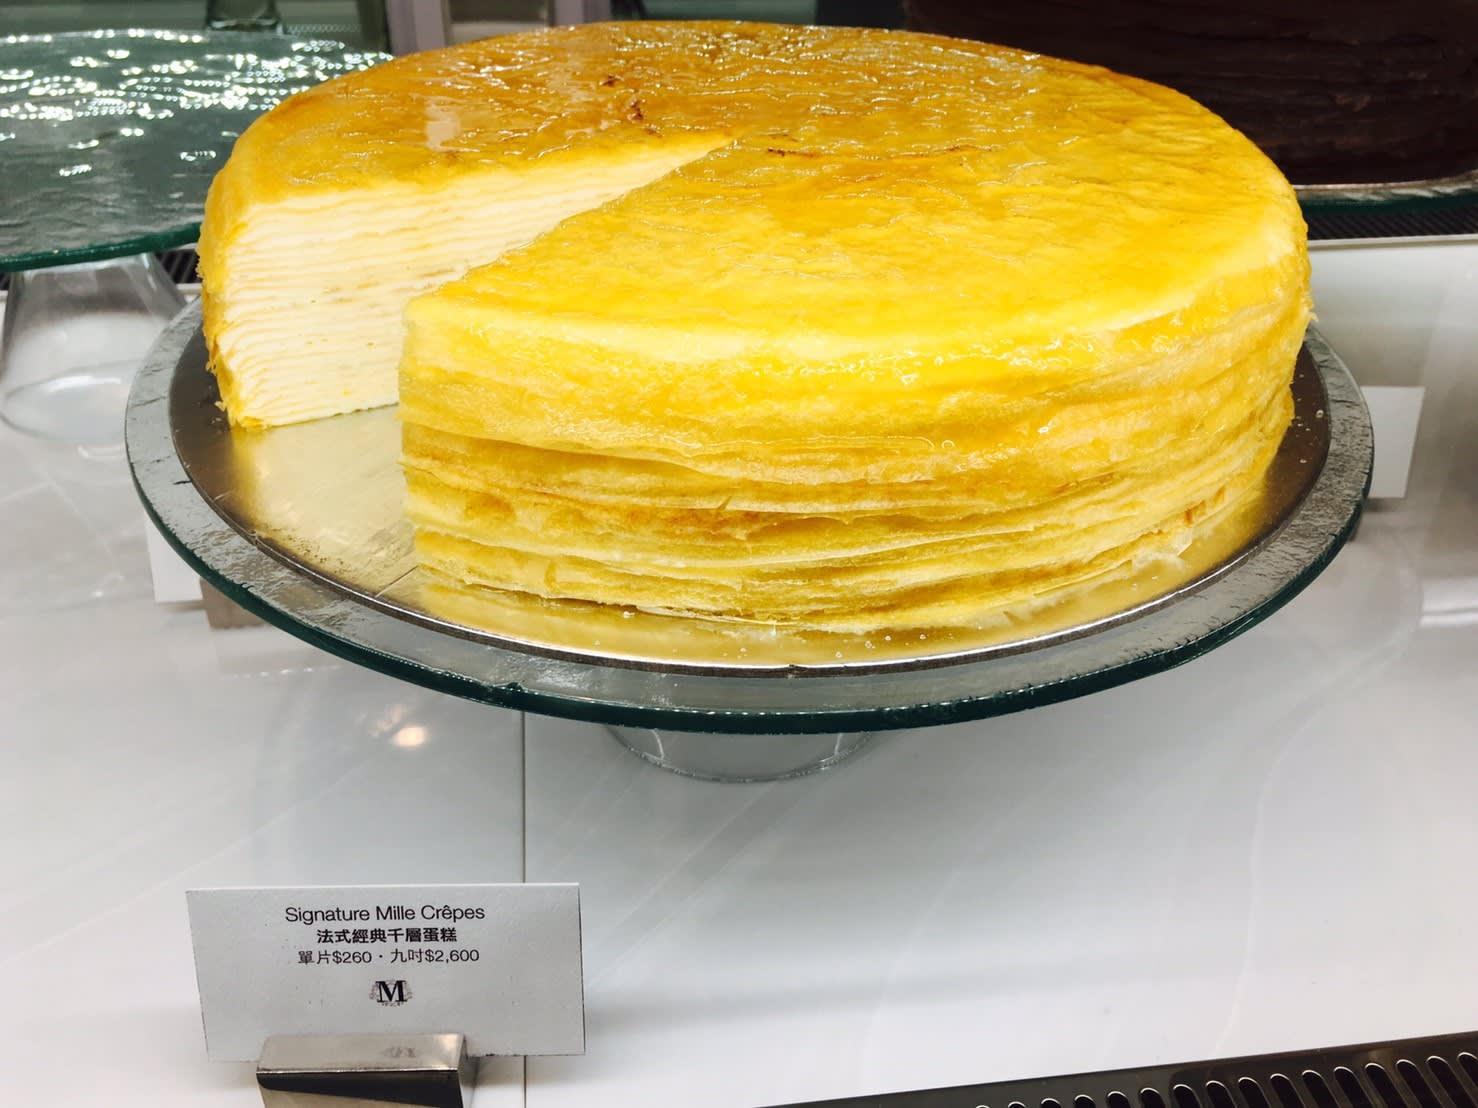 法式經典千層蛋糕 單片NT$260 九吋NT$2600